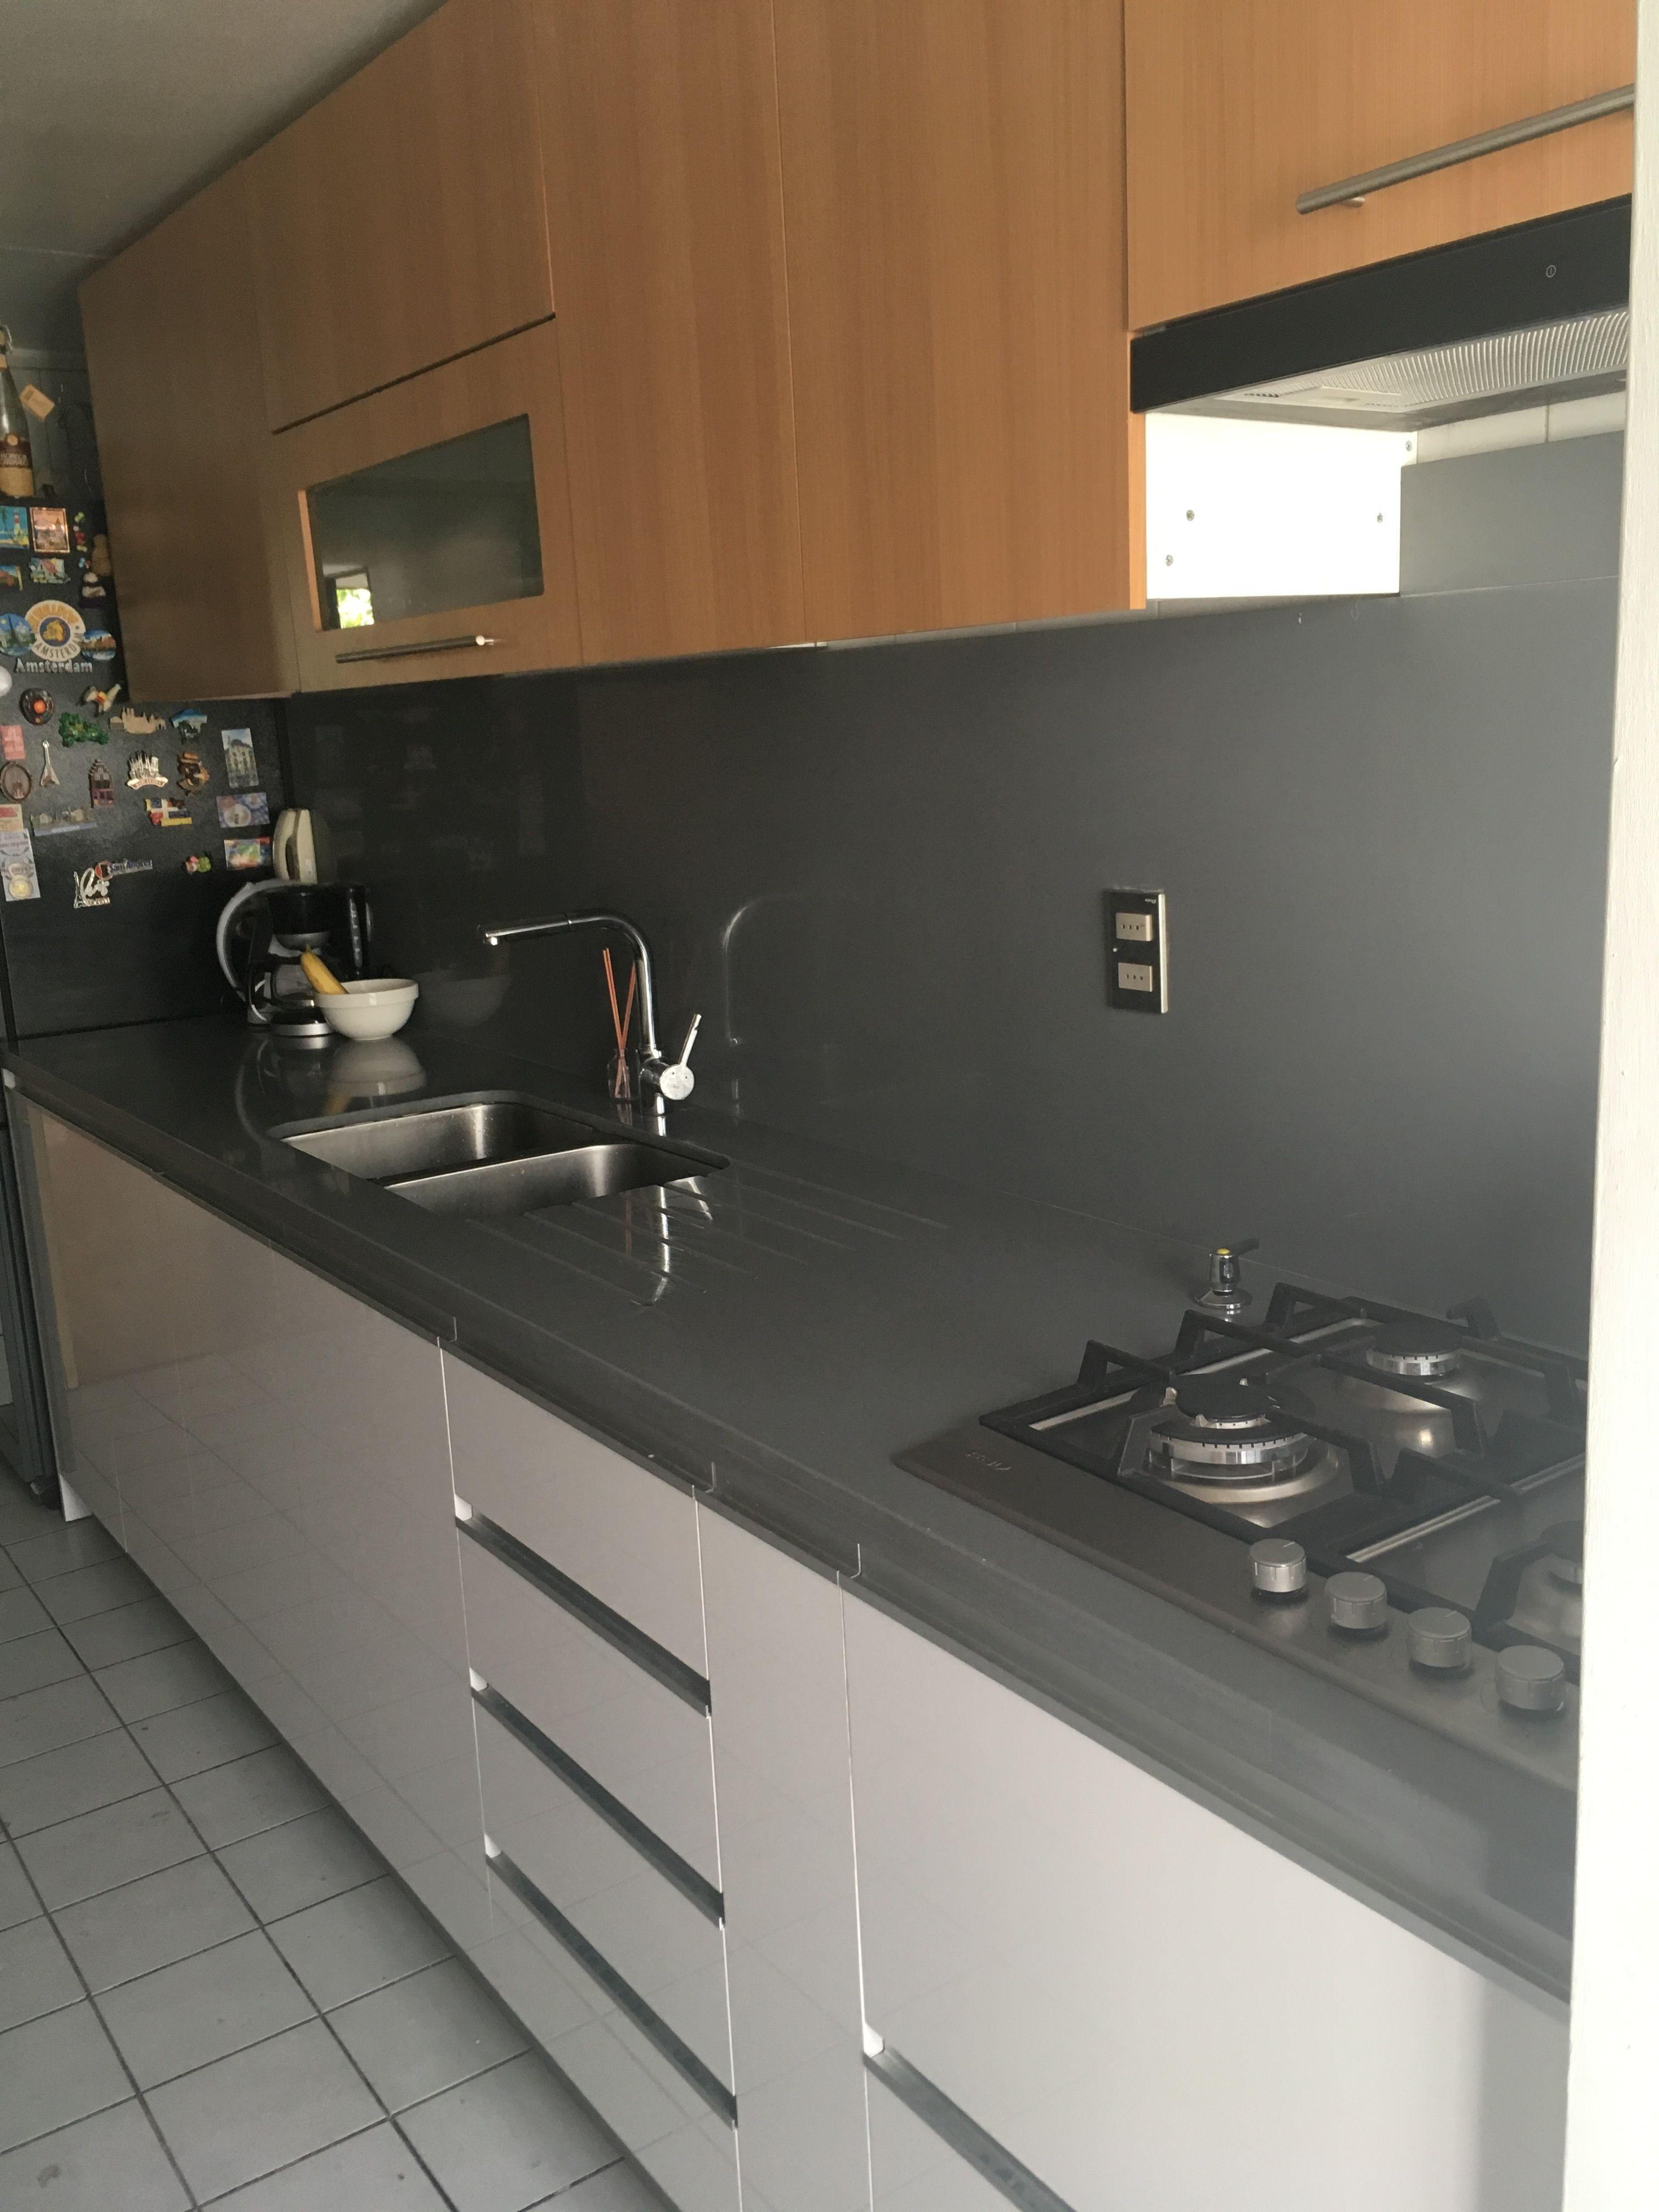 Cocina blanca granito gris muebles color coigue cocina for Color credence cocina blanca